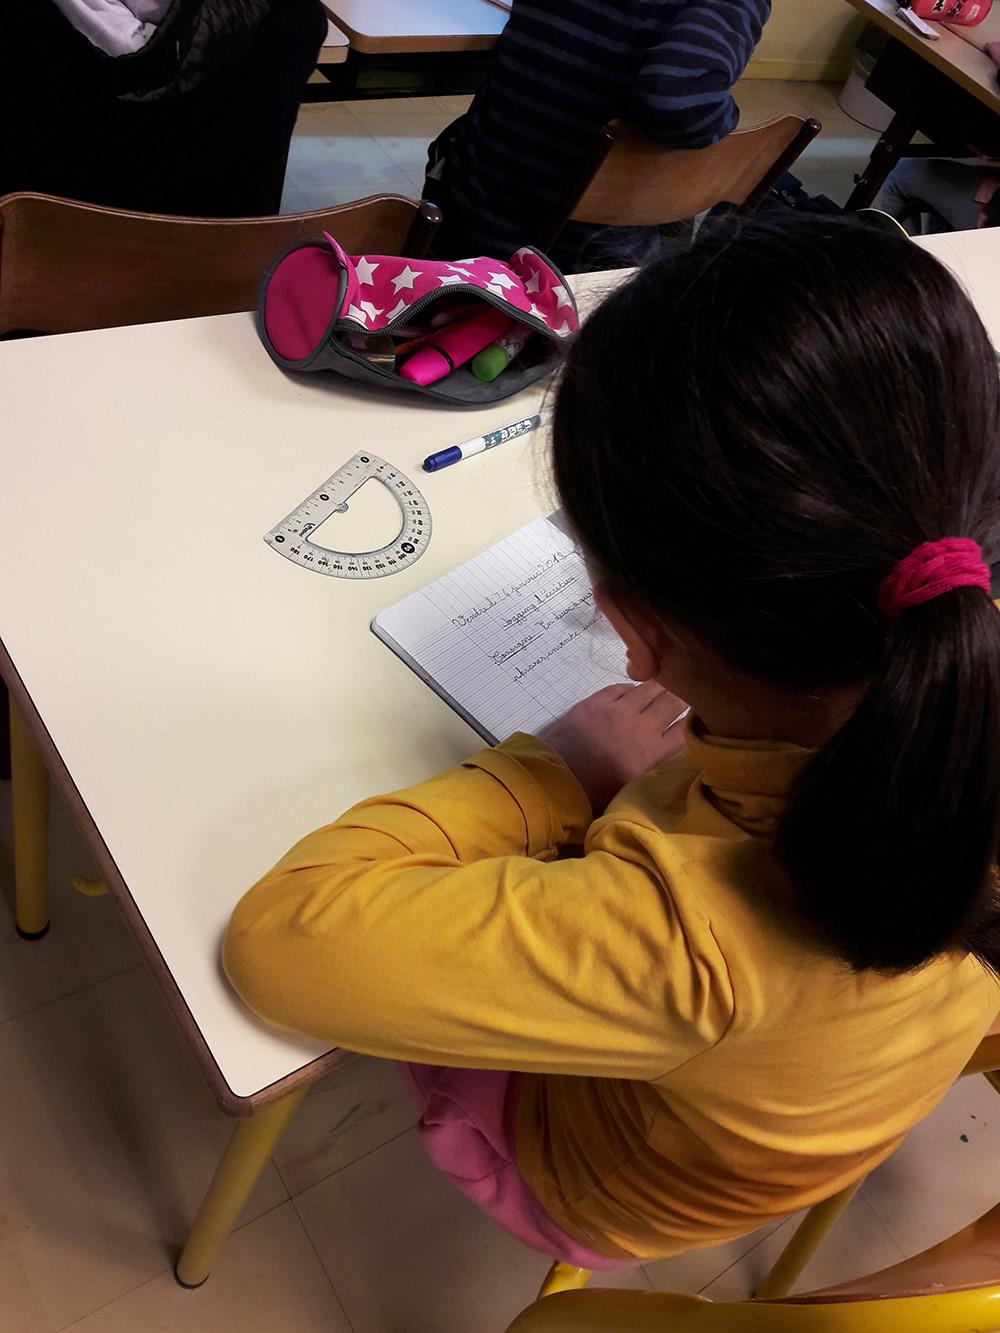 Les élèves apprennent progressivement à écrire un texte bien construit et qui a du sens